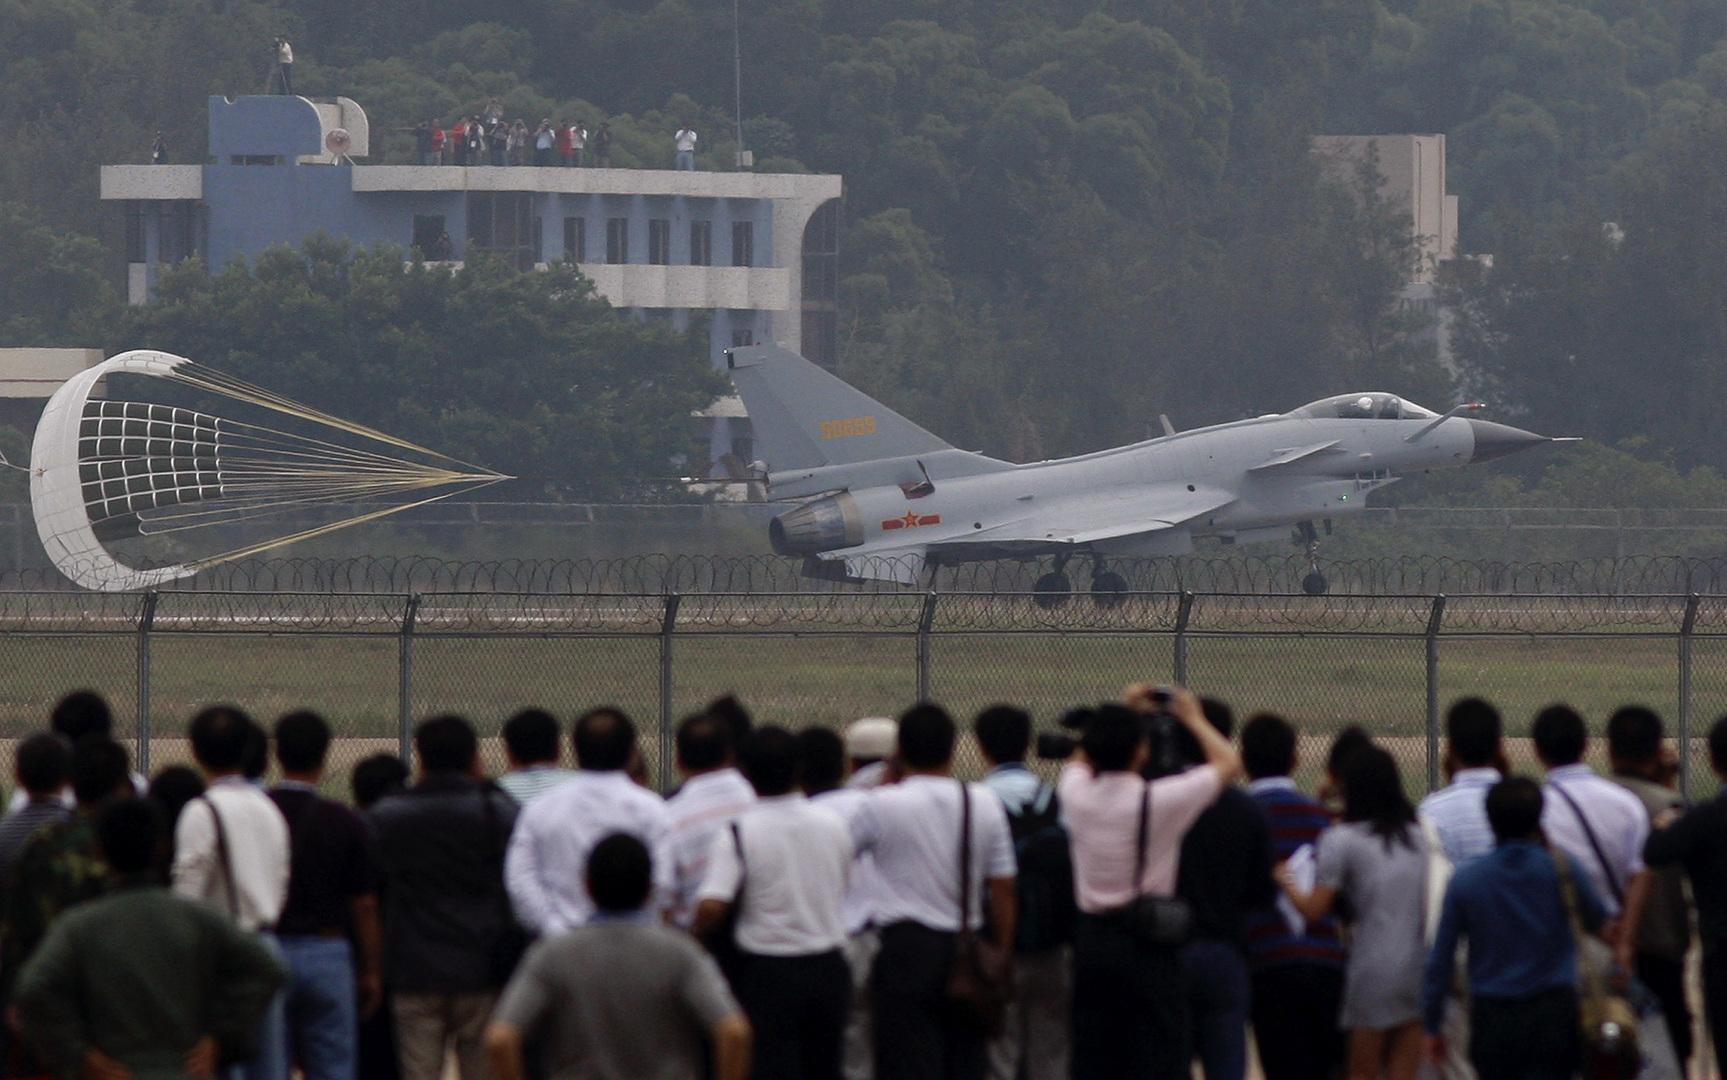 معركة جوية فوق طهران: Chengdu J-10 الصينية تتفوق على ميغ-35 الروسية